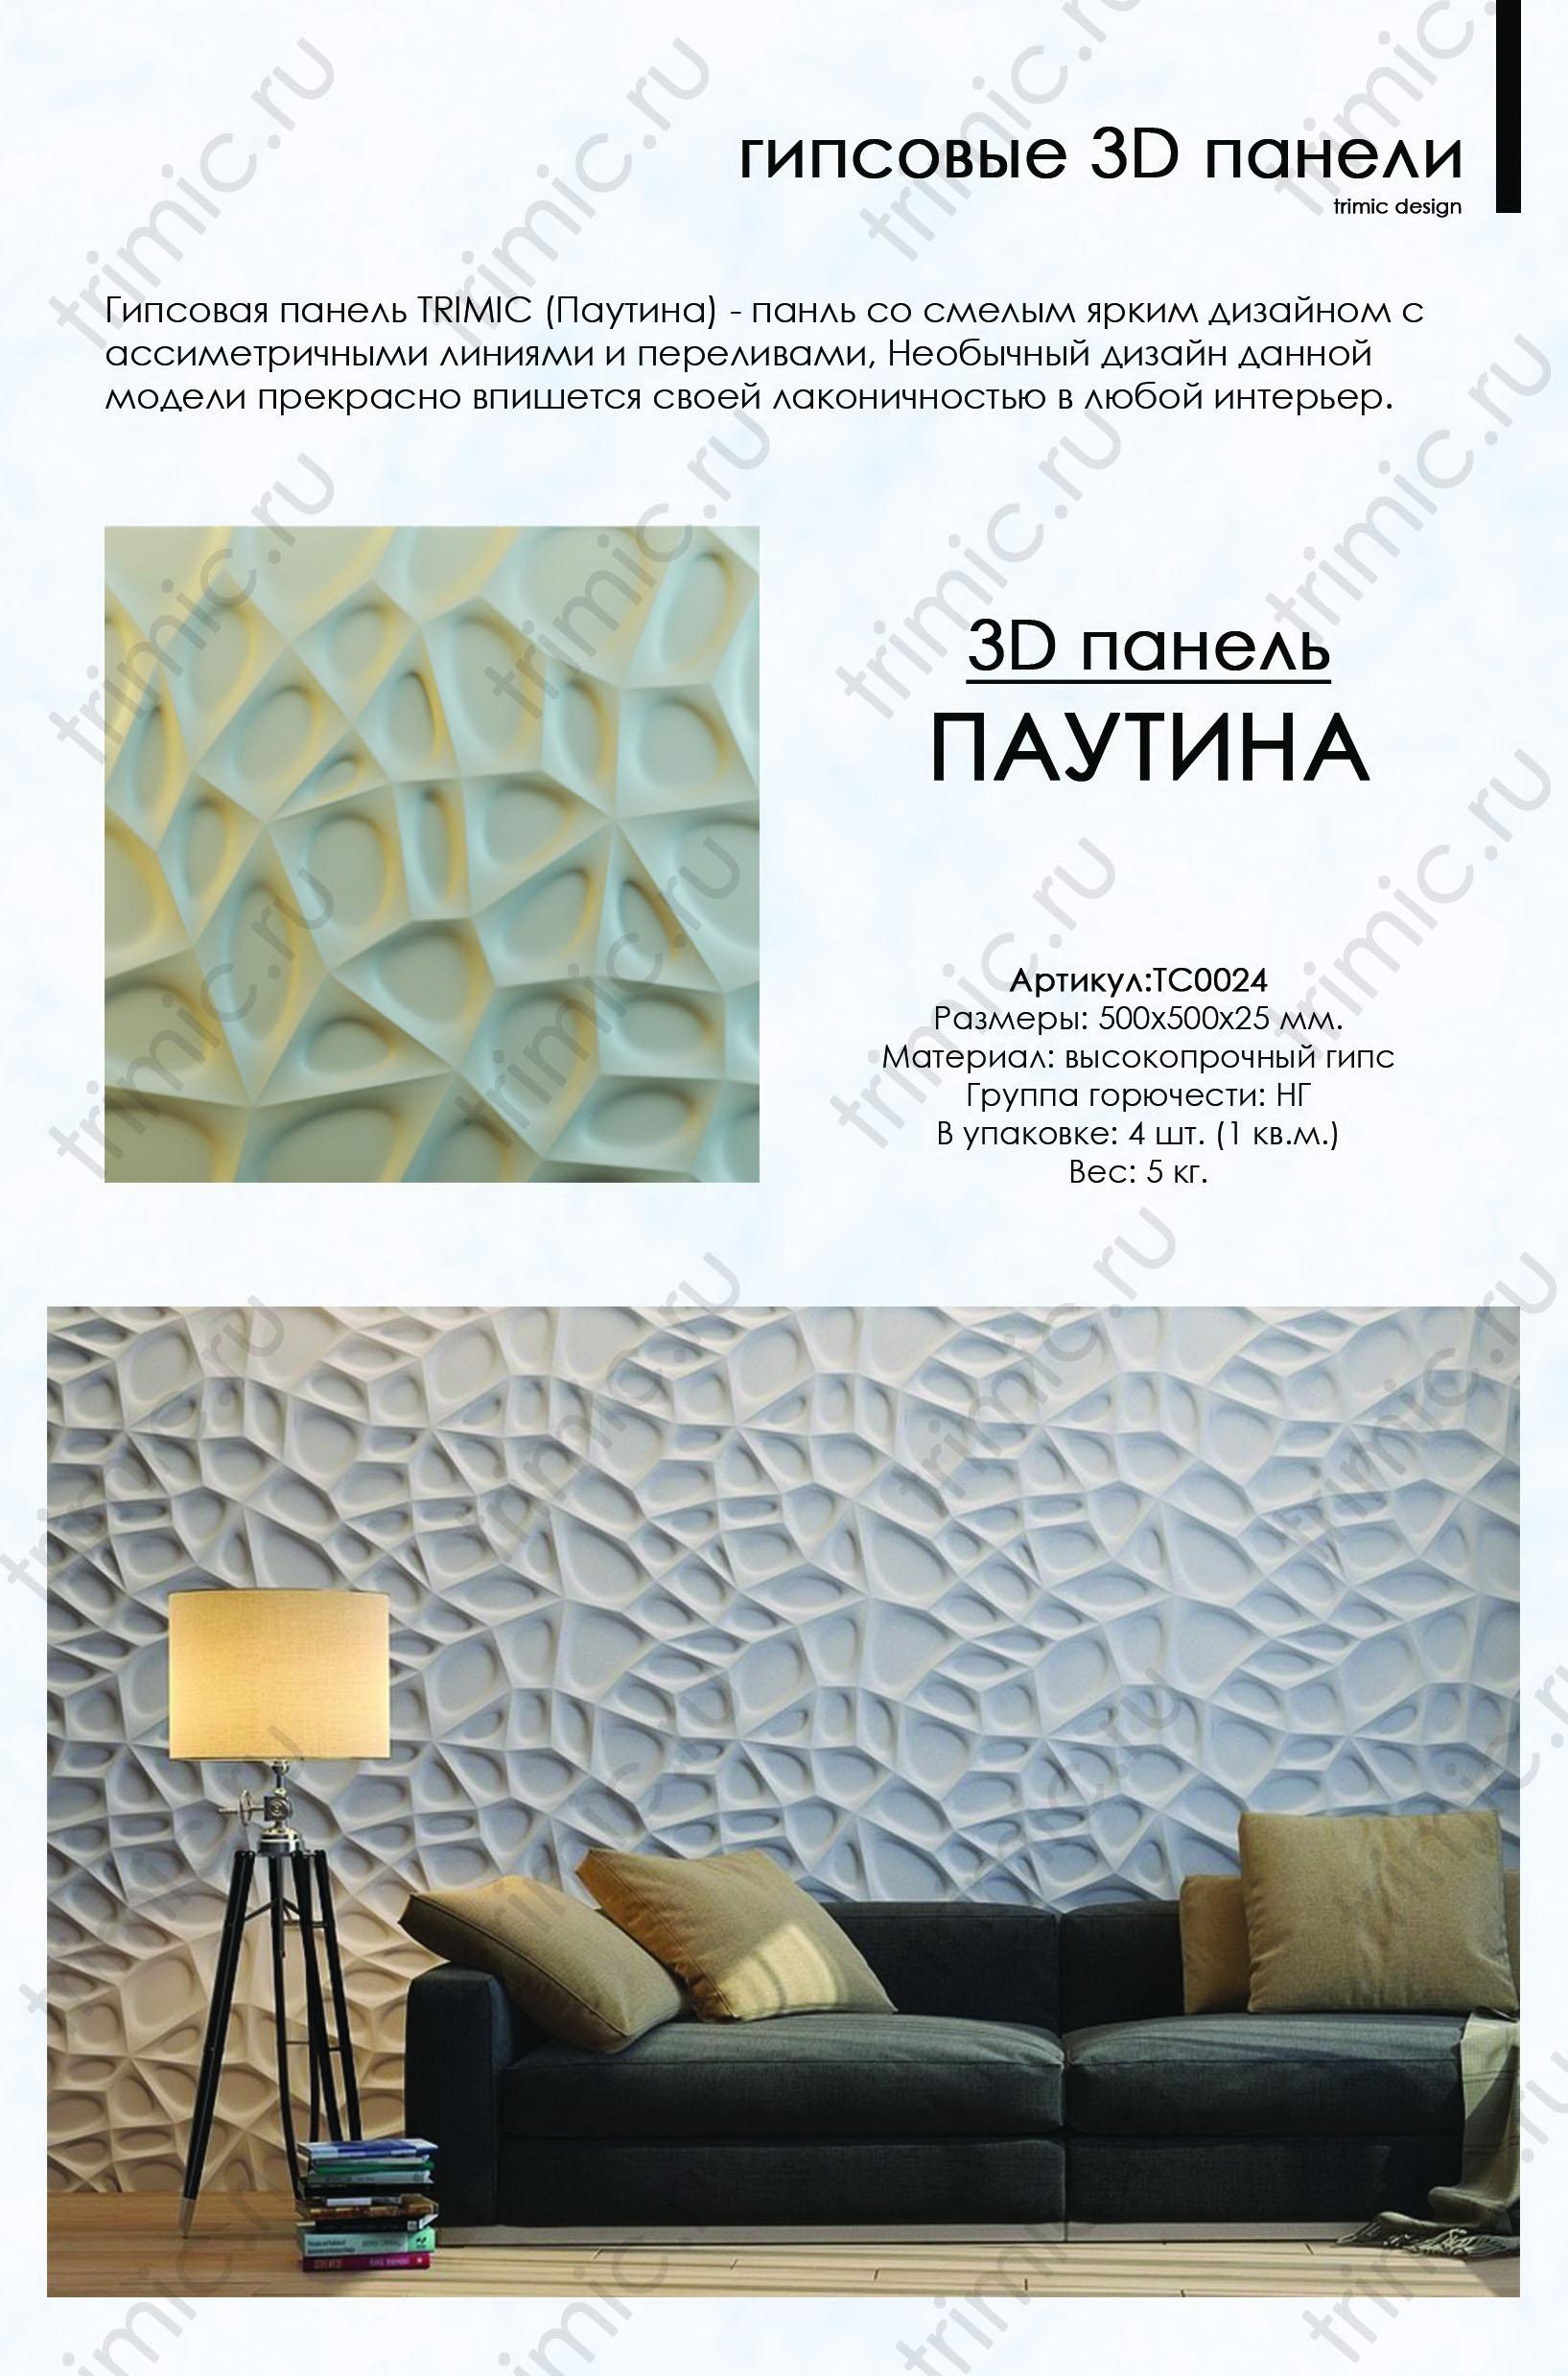 Производство и продажа 3Д панелей из гипса по Москве и Московской области